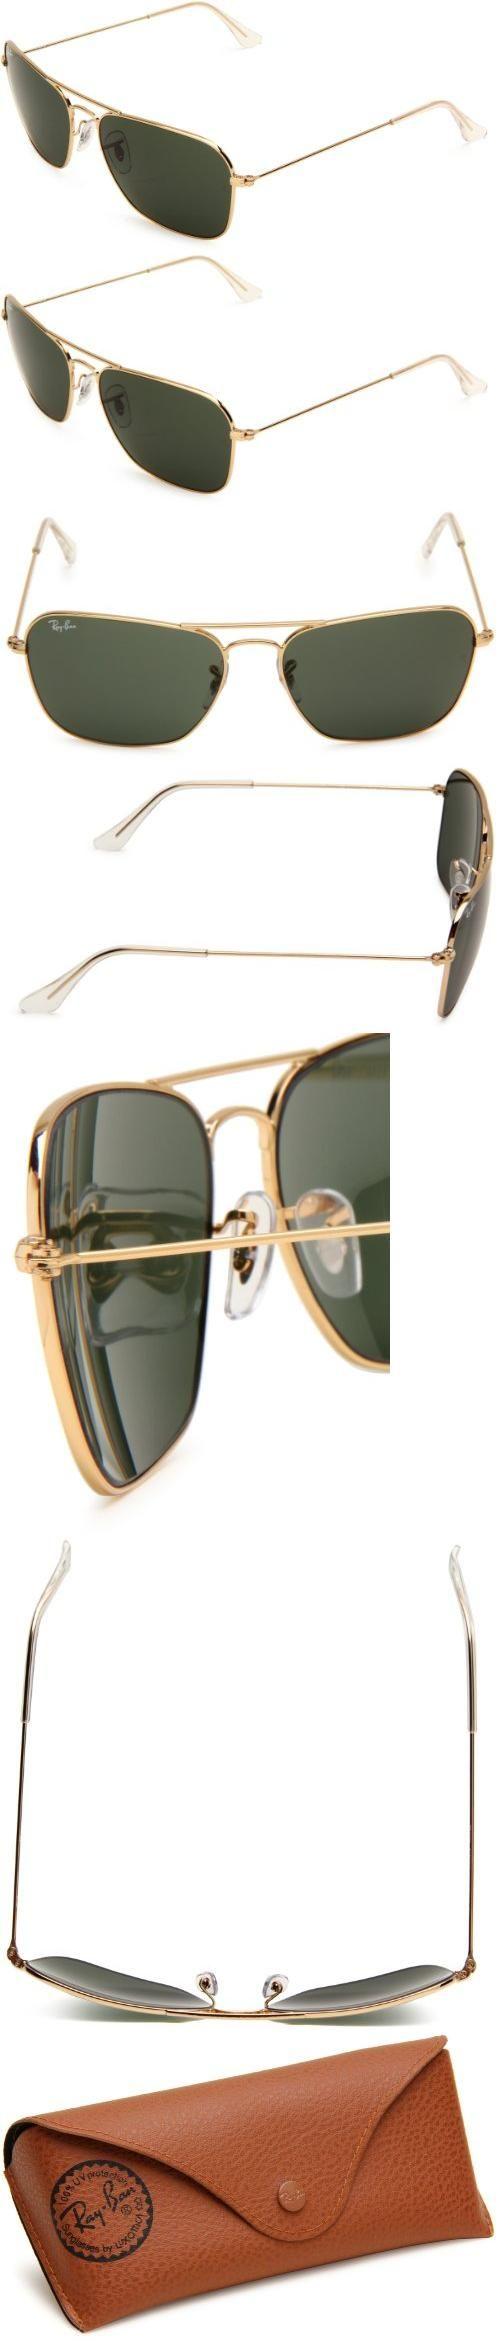 nike glasses womens 2015